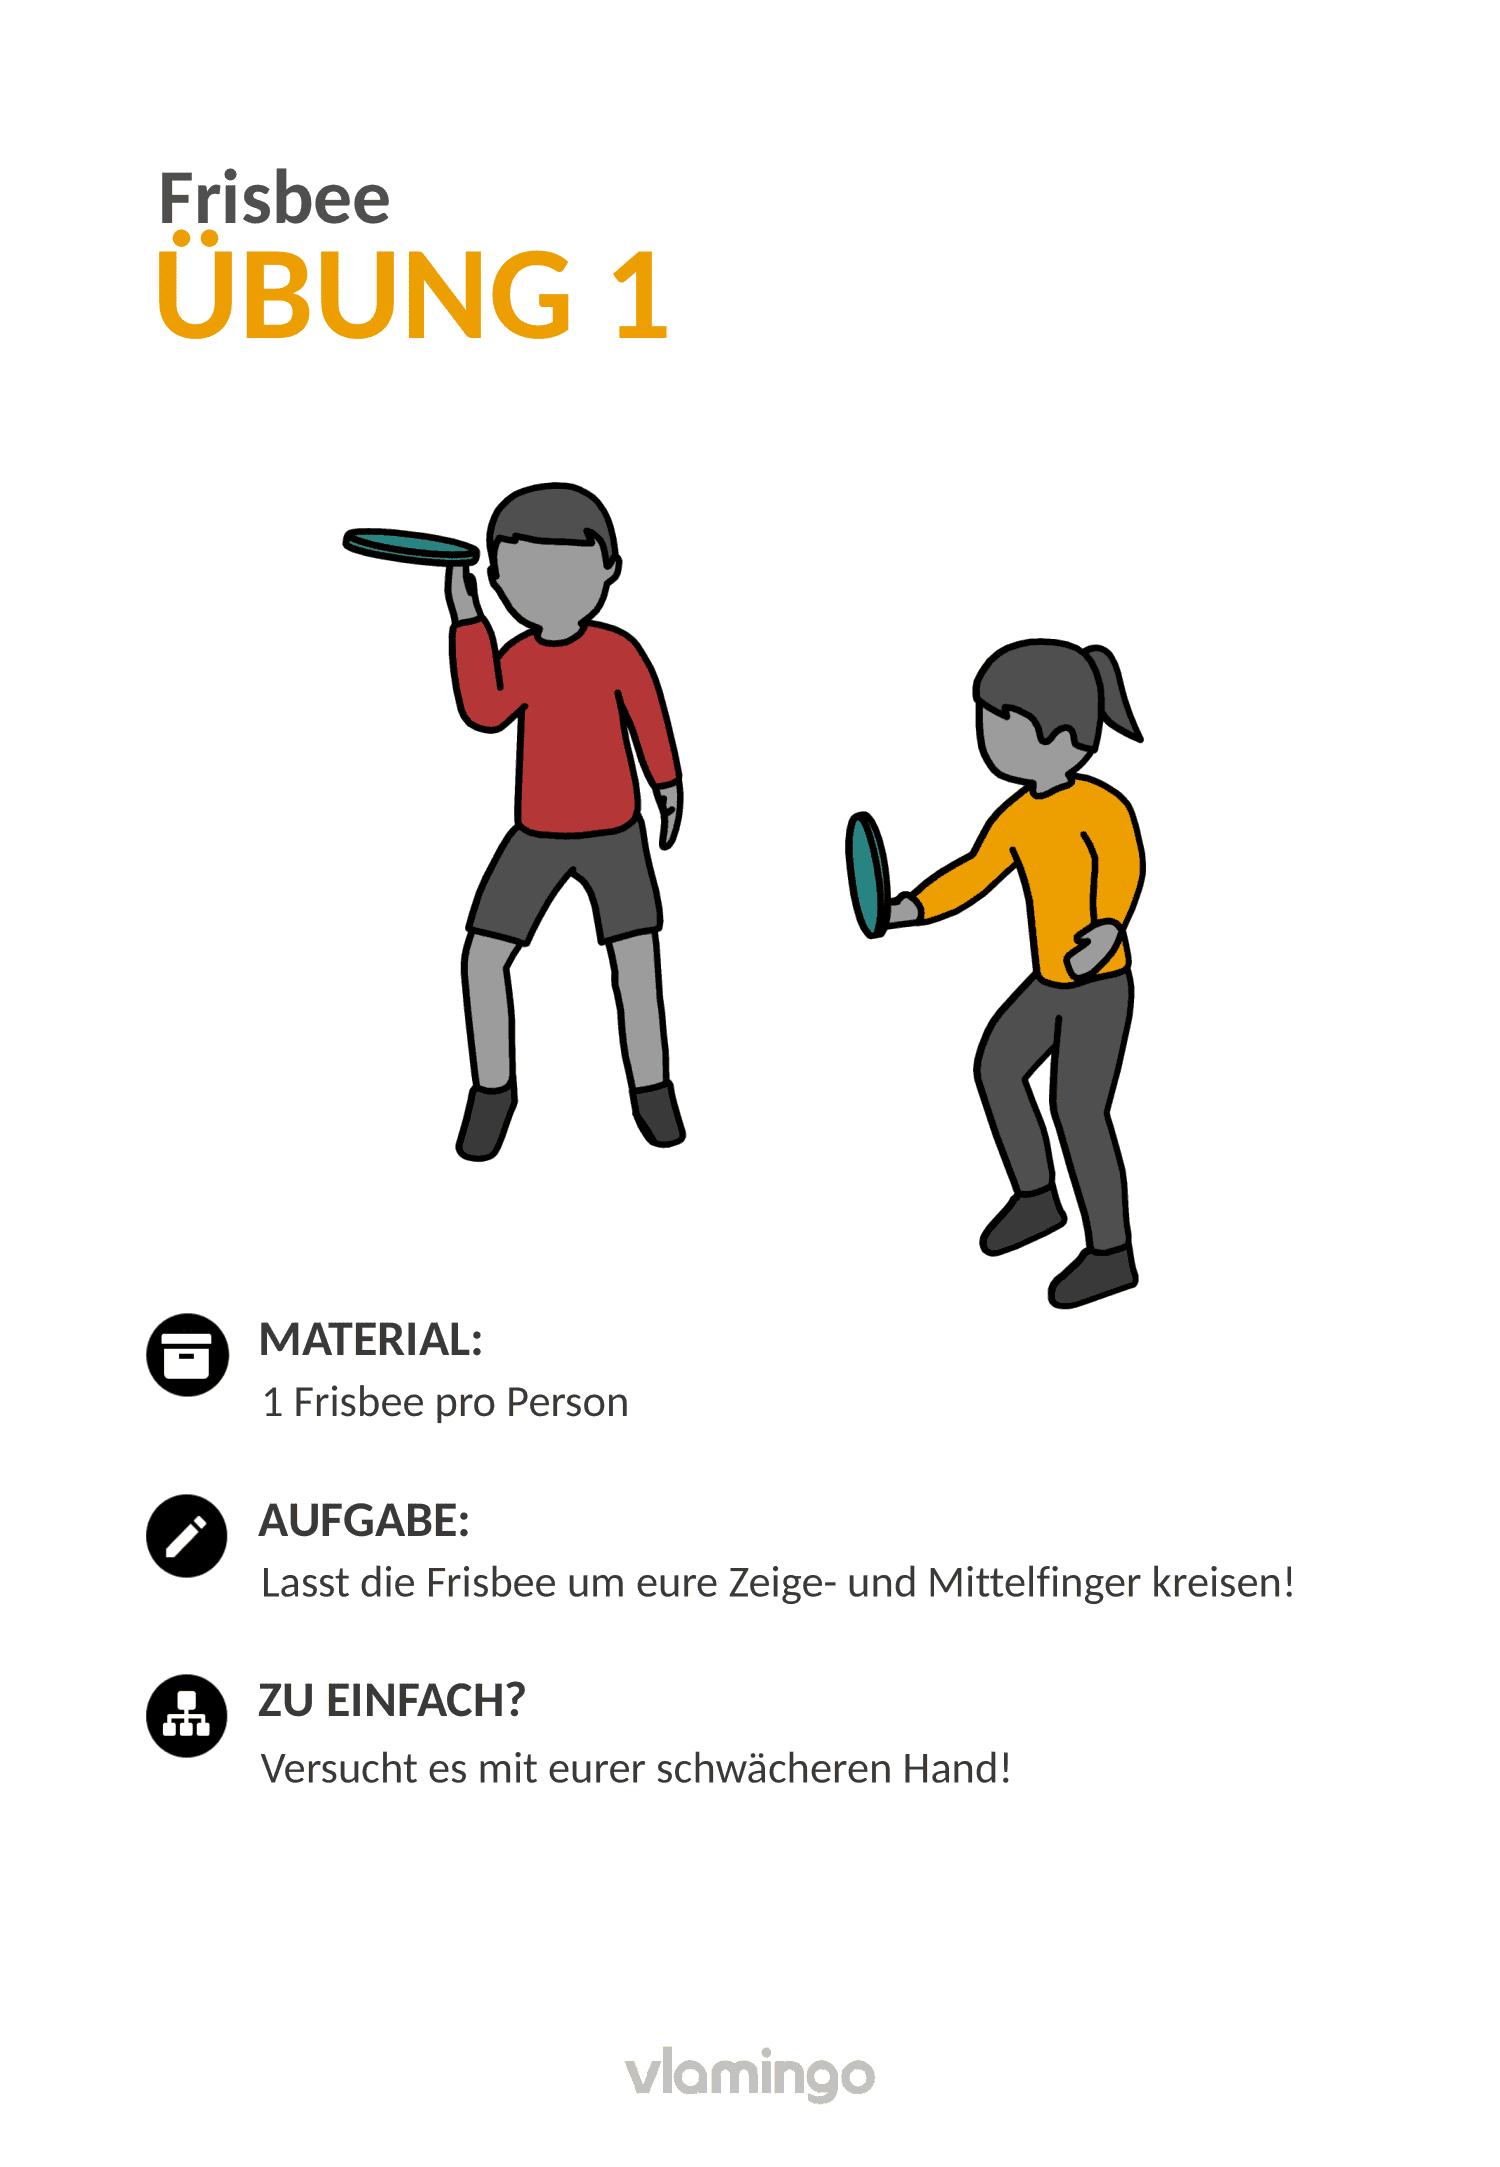 Frisbee - Übung 1